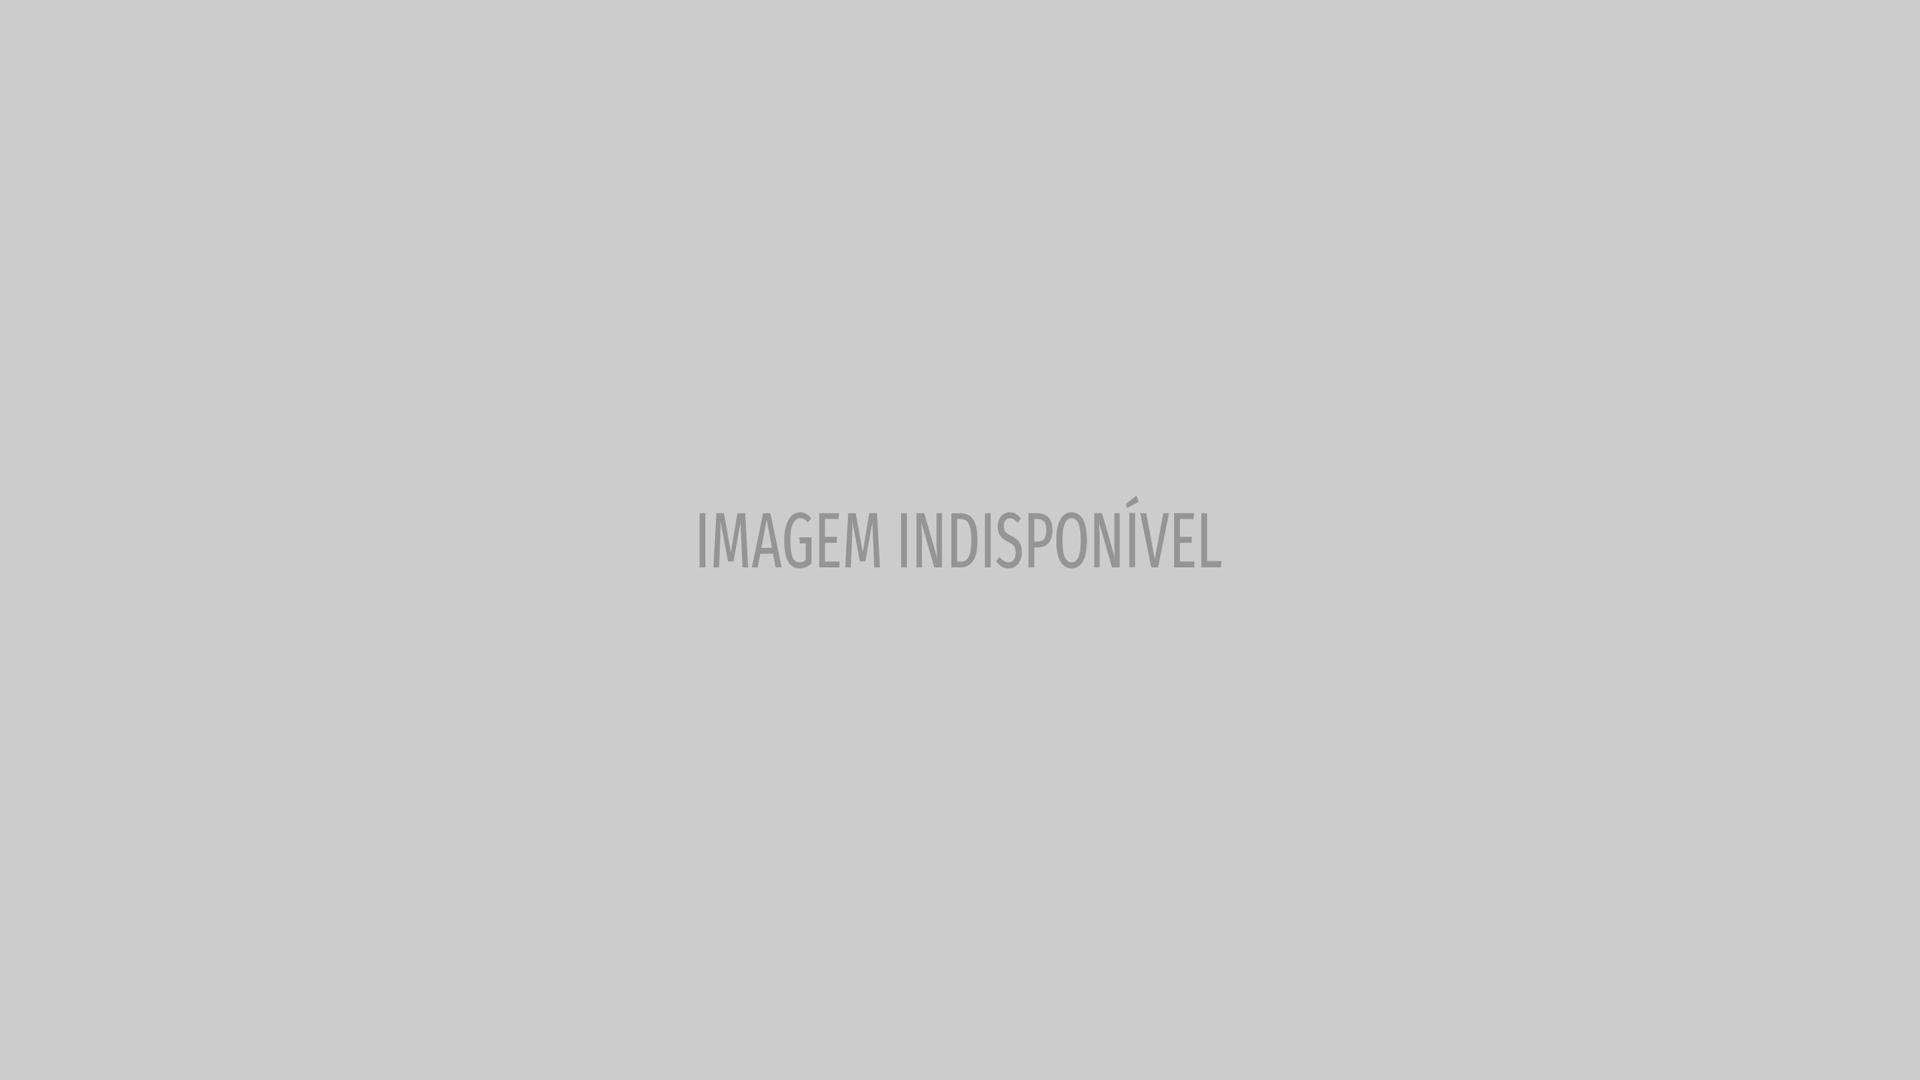 Ator quer mudar identidade por ter mesmo sobrenome de Donald Trump